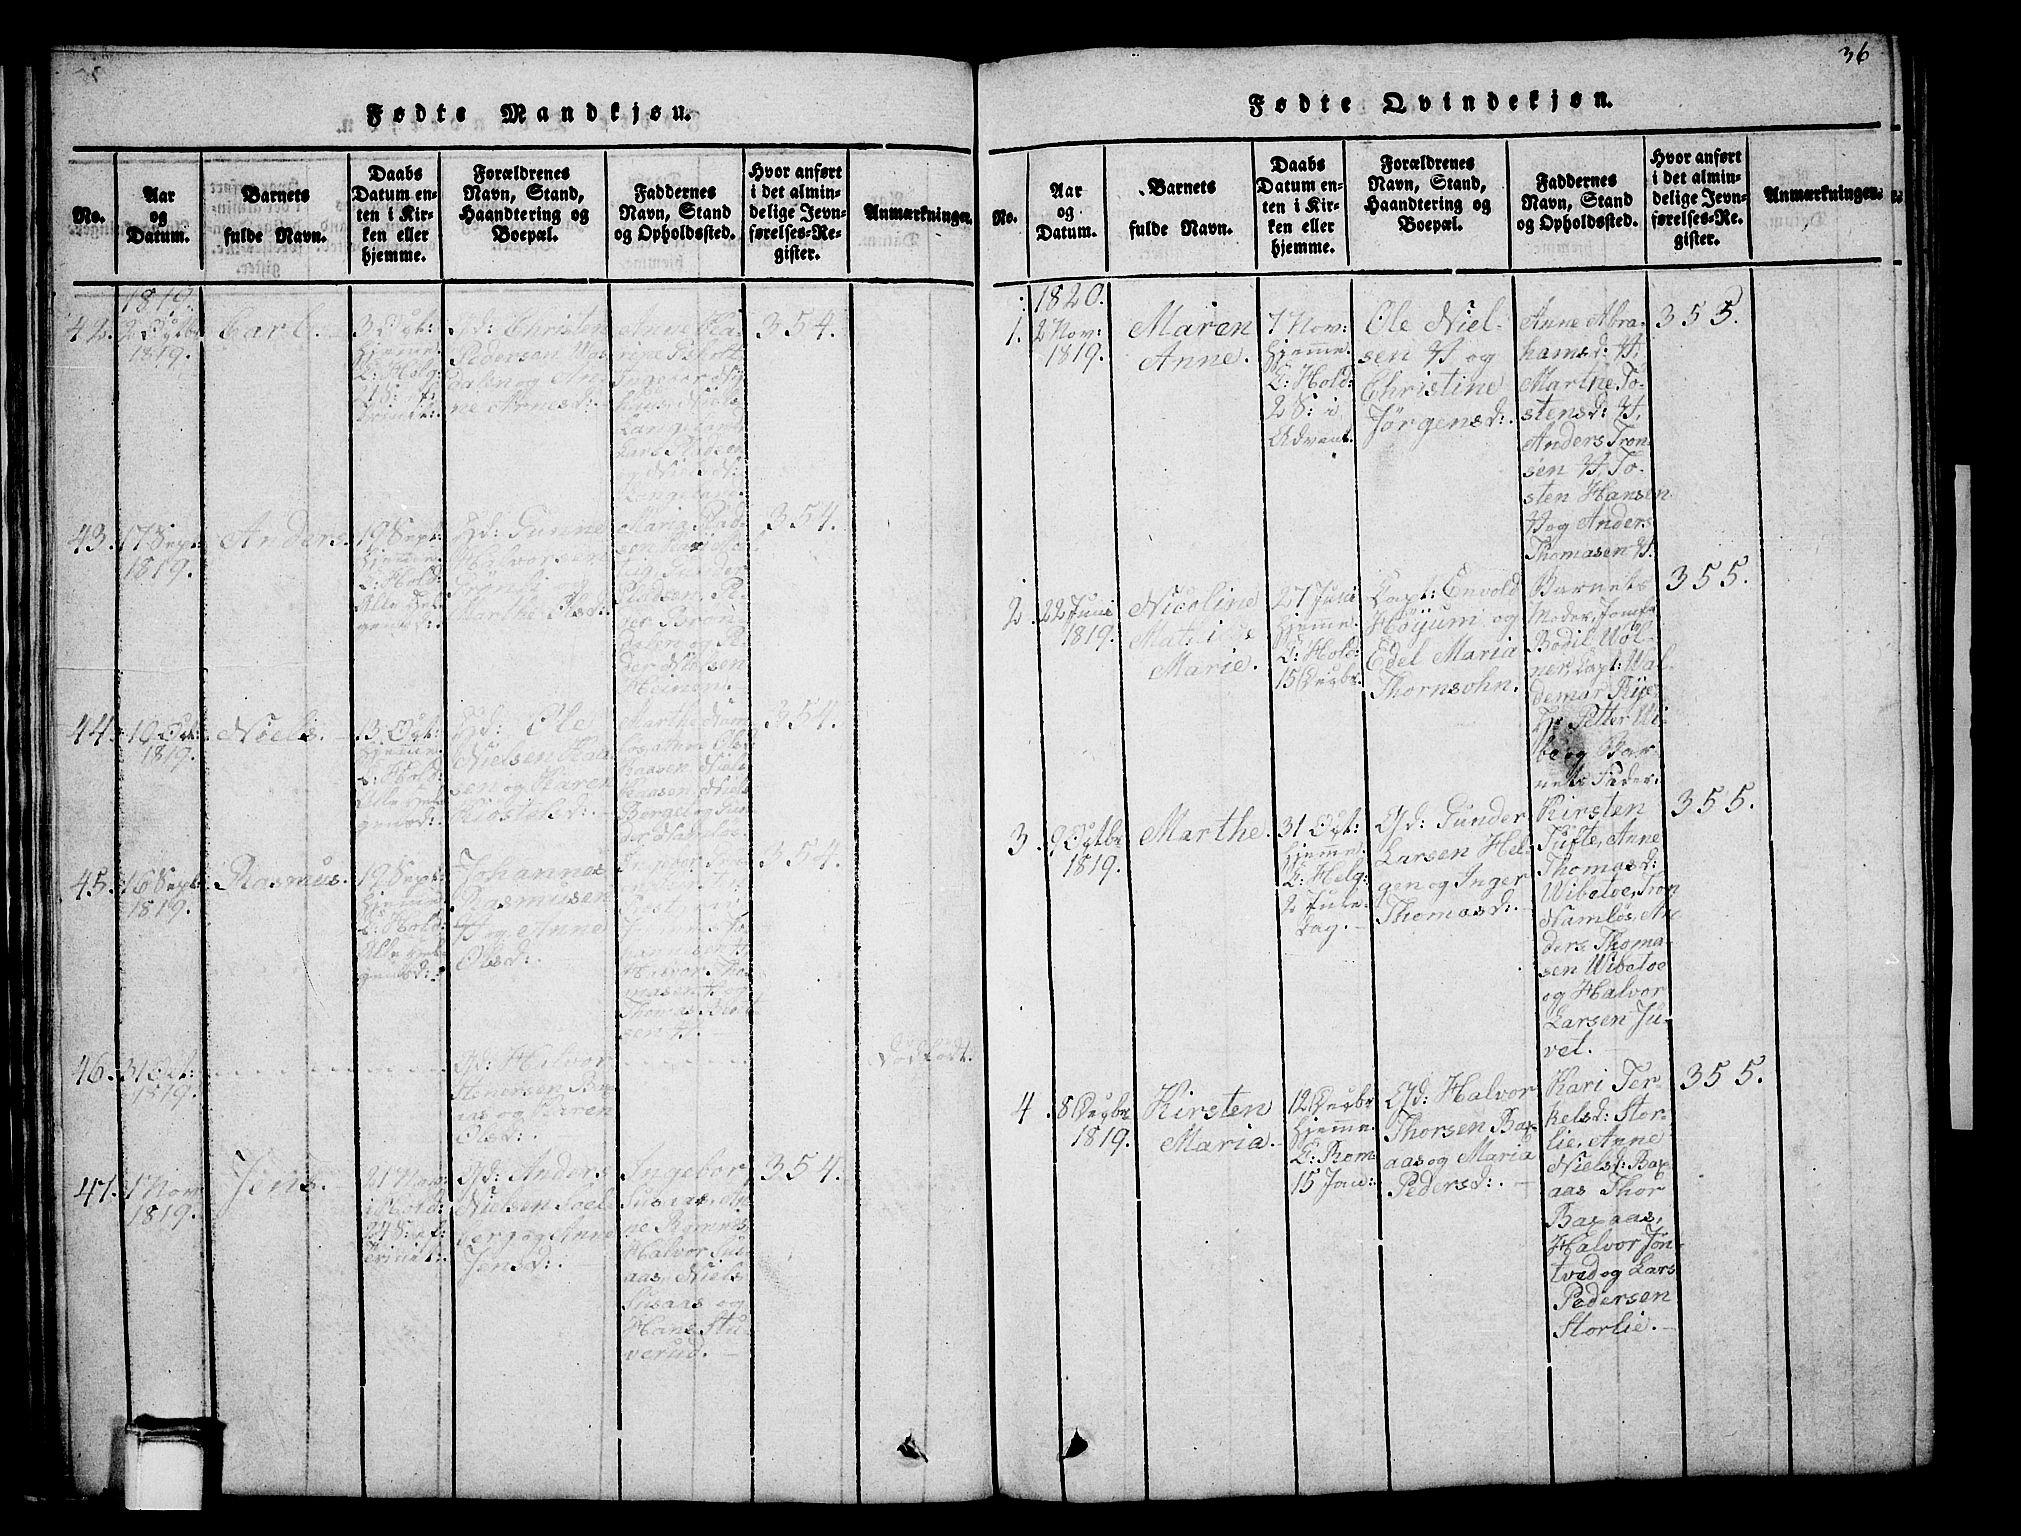 SAKO, Holla kirkebøker, G/Ga/L0001: Klokkerbok nr. I 1, 1814-1830, s. 36